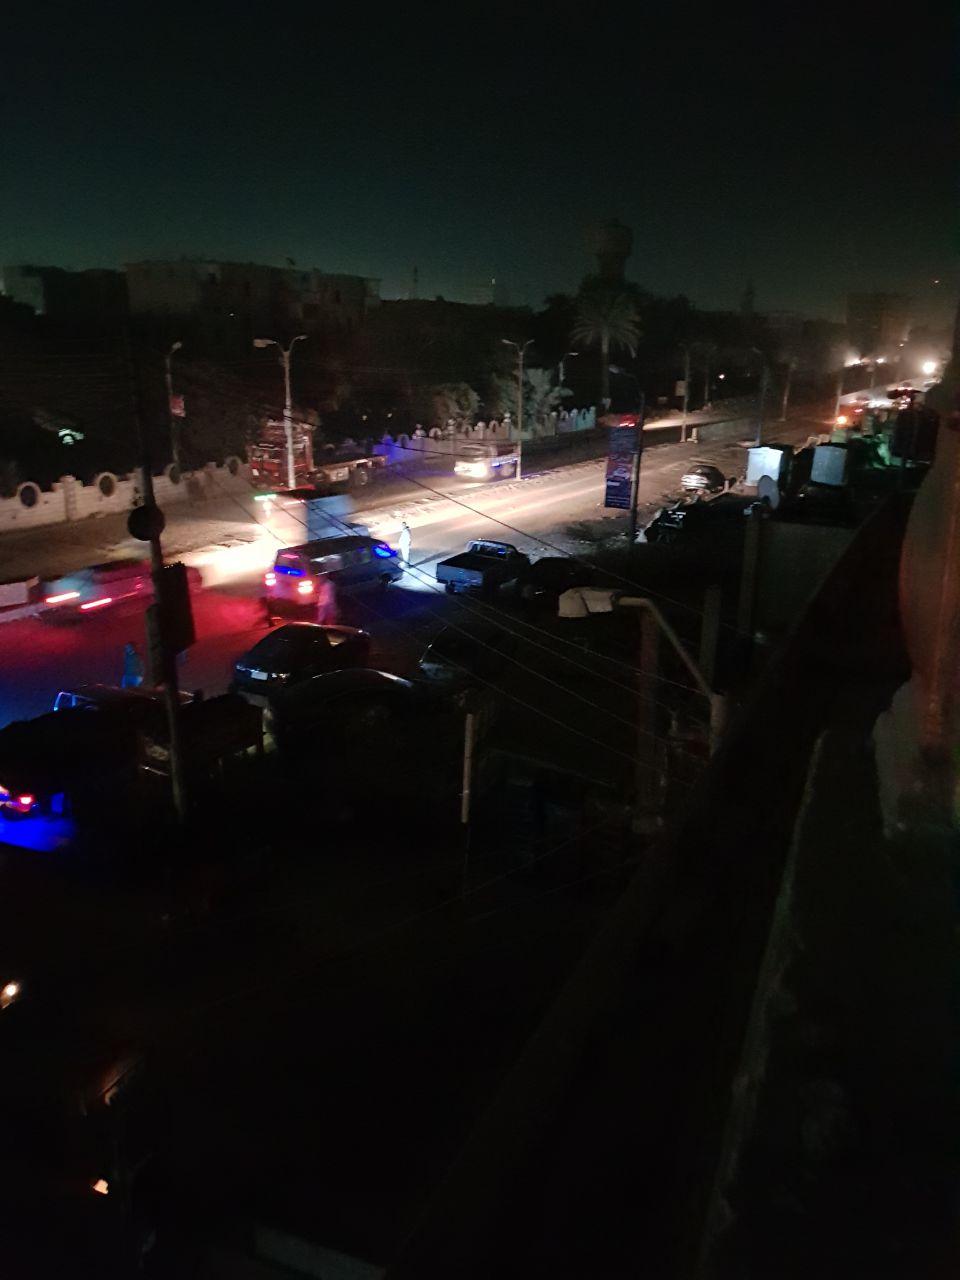 6- ميادين وشوارع مظلمة (1)